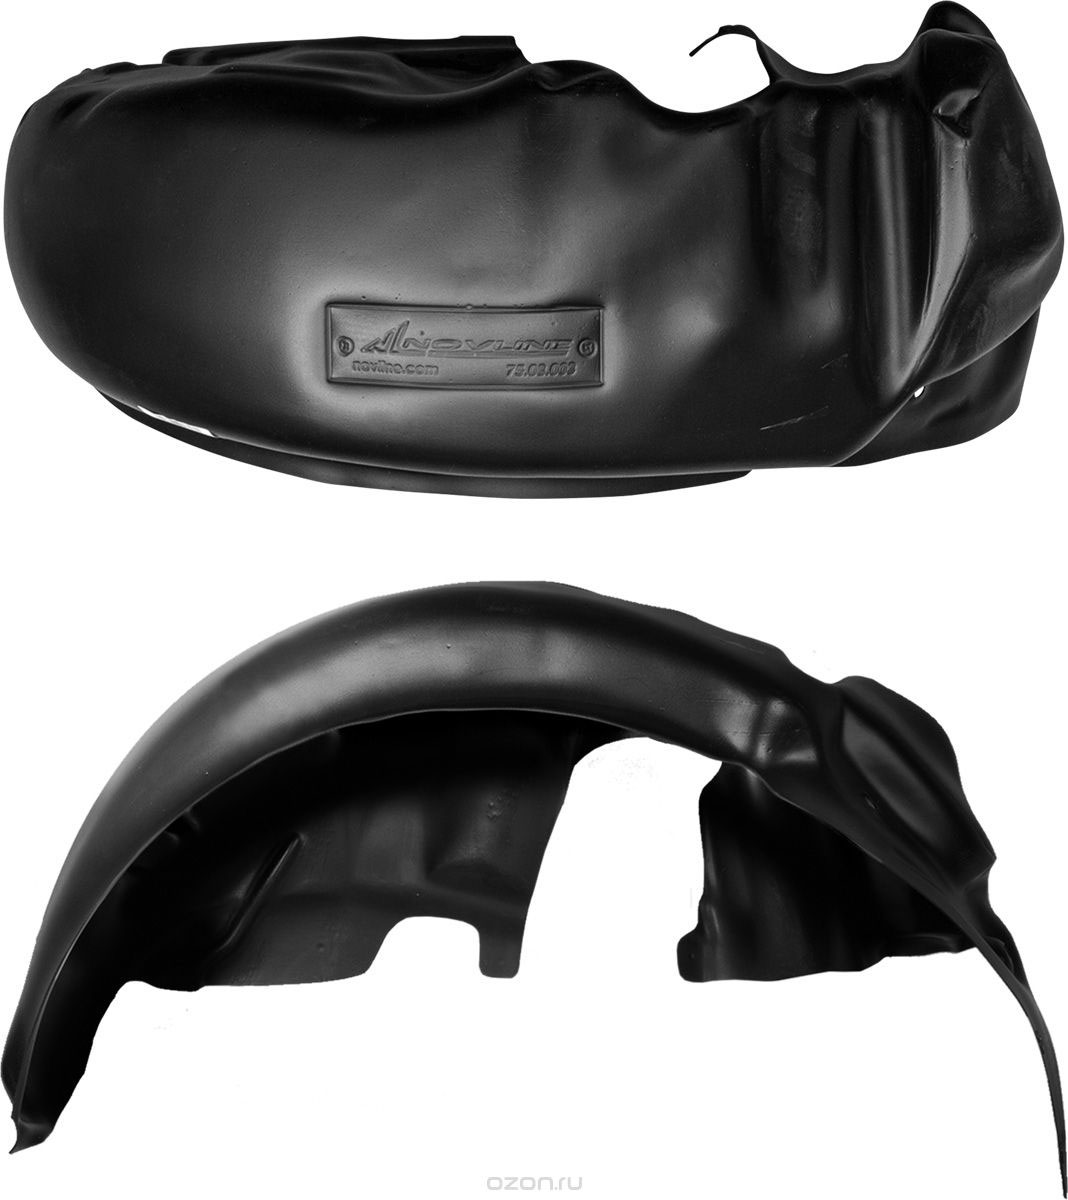 Подкрылок Novline-Autofamily, для FIAT Ducato, 08/2014->, с расширителями арок, передний левый09066Идеальная защита колесной ниши. Локеры разработаны с применением цифровых технологий, гарантируют максимальную повторяемость поверхности арки. Изделия устанавливаются без нарушения лакокрасочного покрытия автомобиля, каждый подкрылок комплектуется крепежом. Уважаемые клиенты, обращаем ваше внимание, что фотографии на подкрылки универсальные и не отражают реальную форму изделия. При этом само изделие идет точно под размер указанного автомобиля.